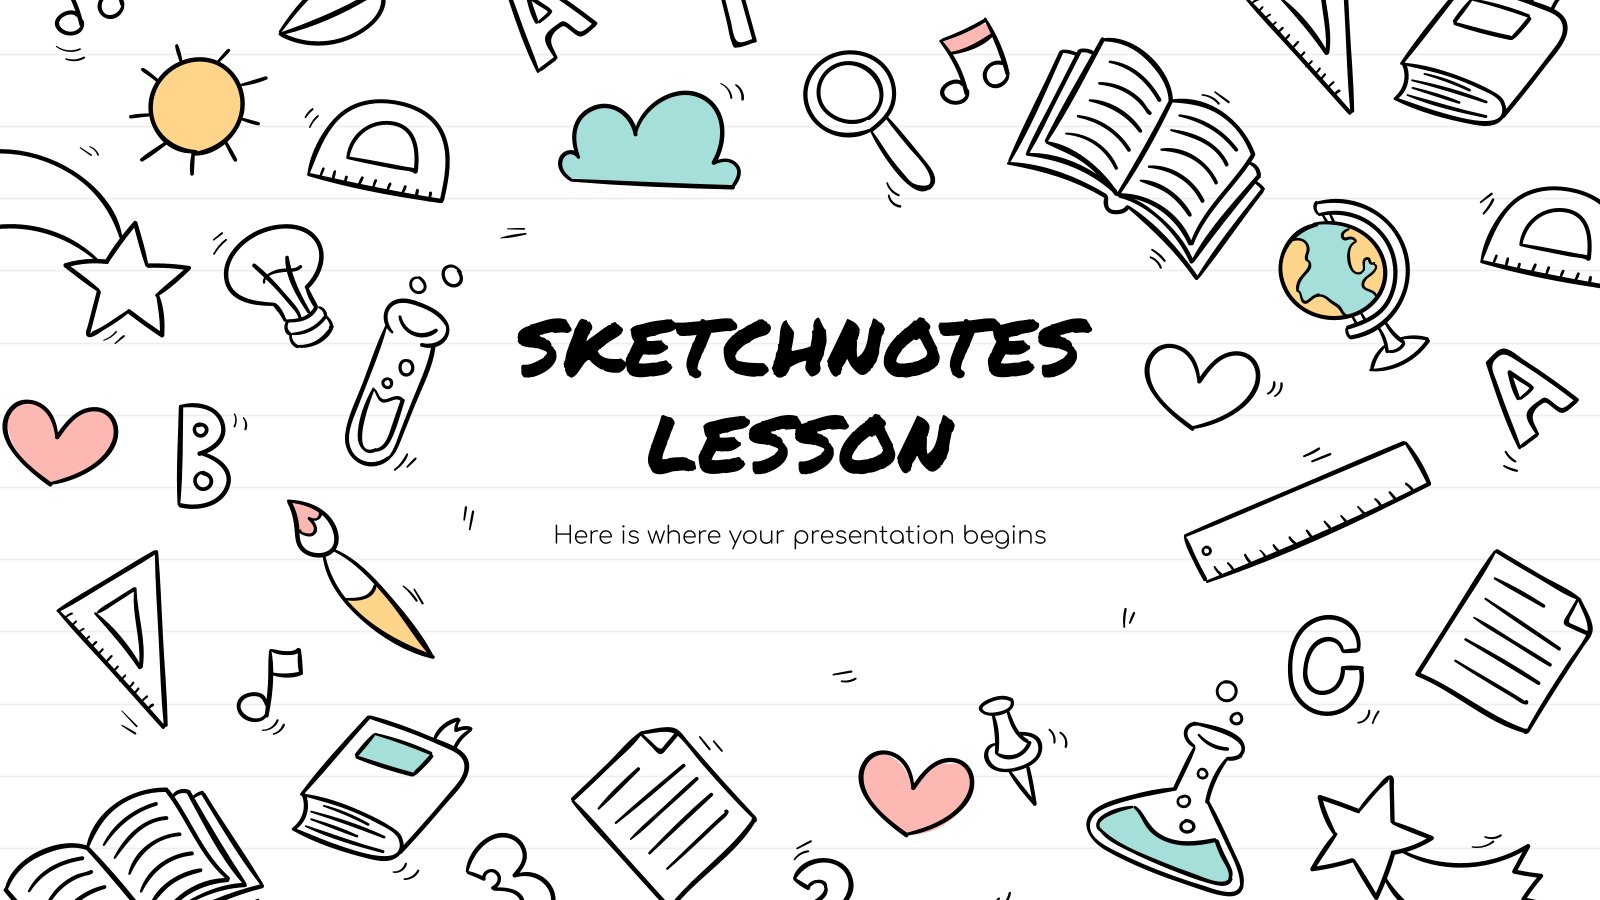 Cours de sketchnotes : Modèles de présentation